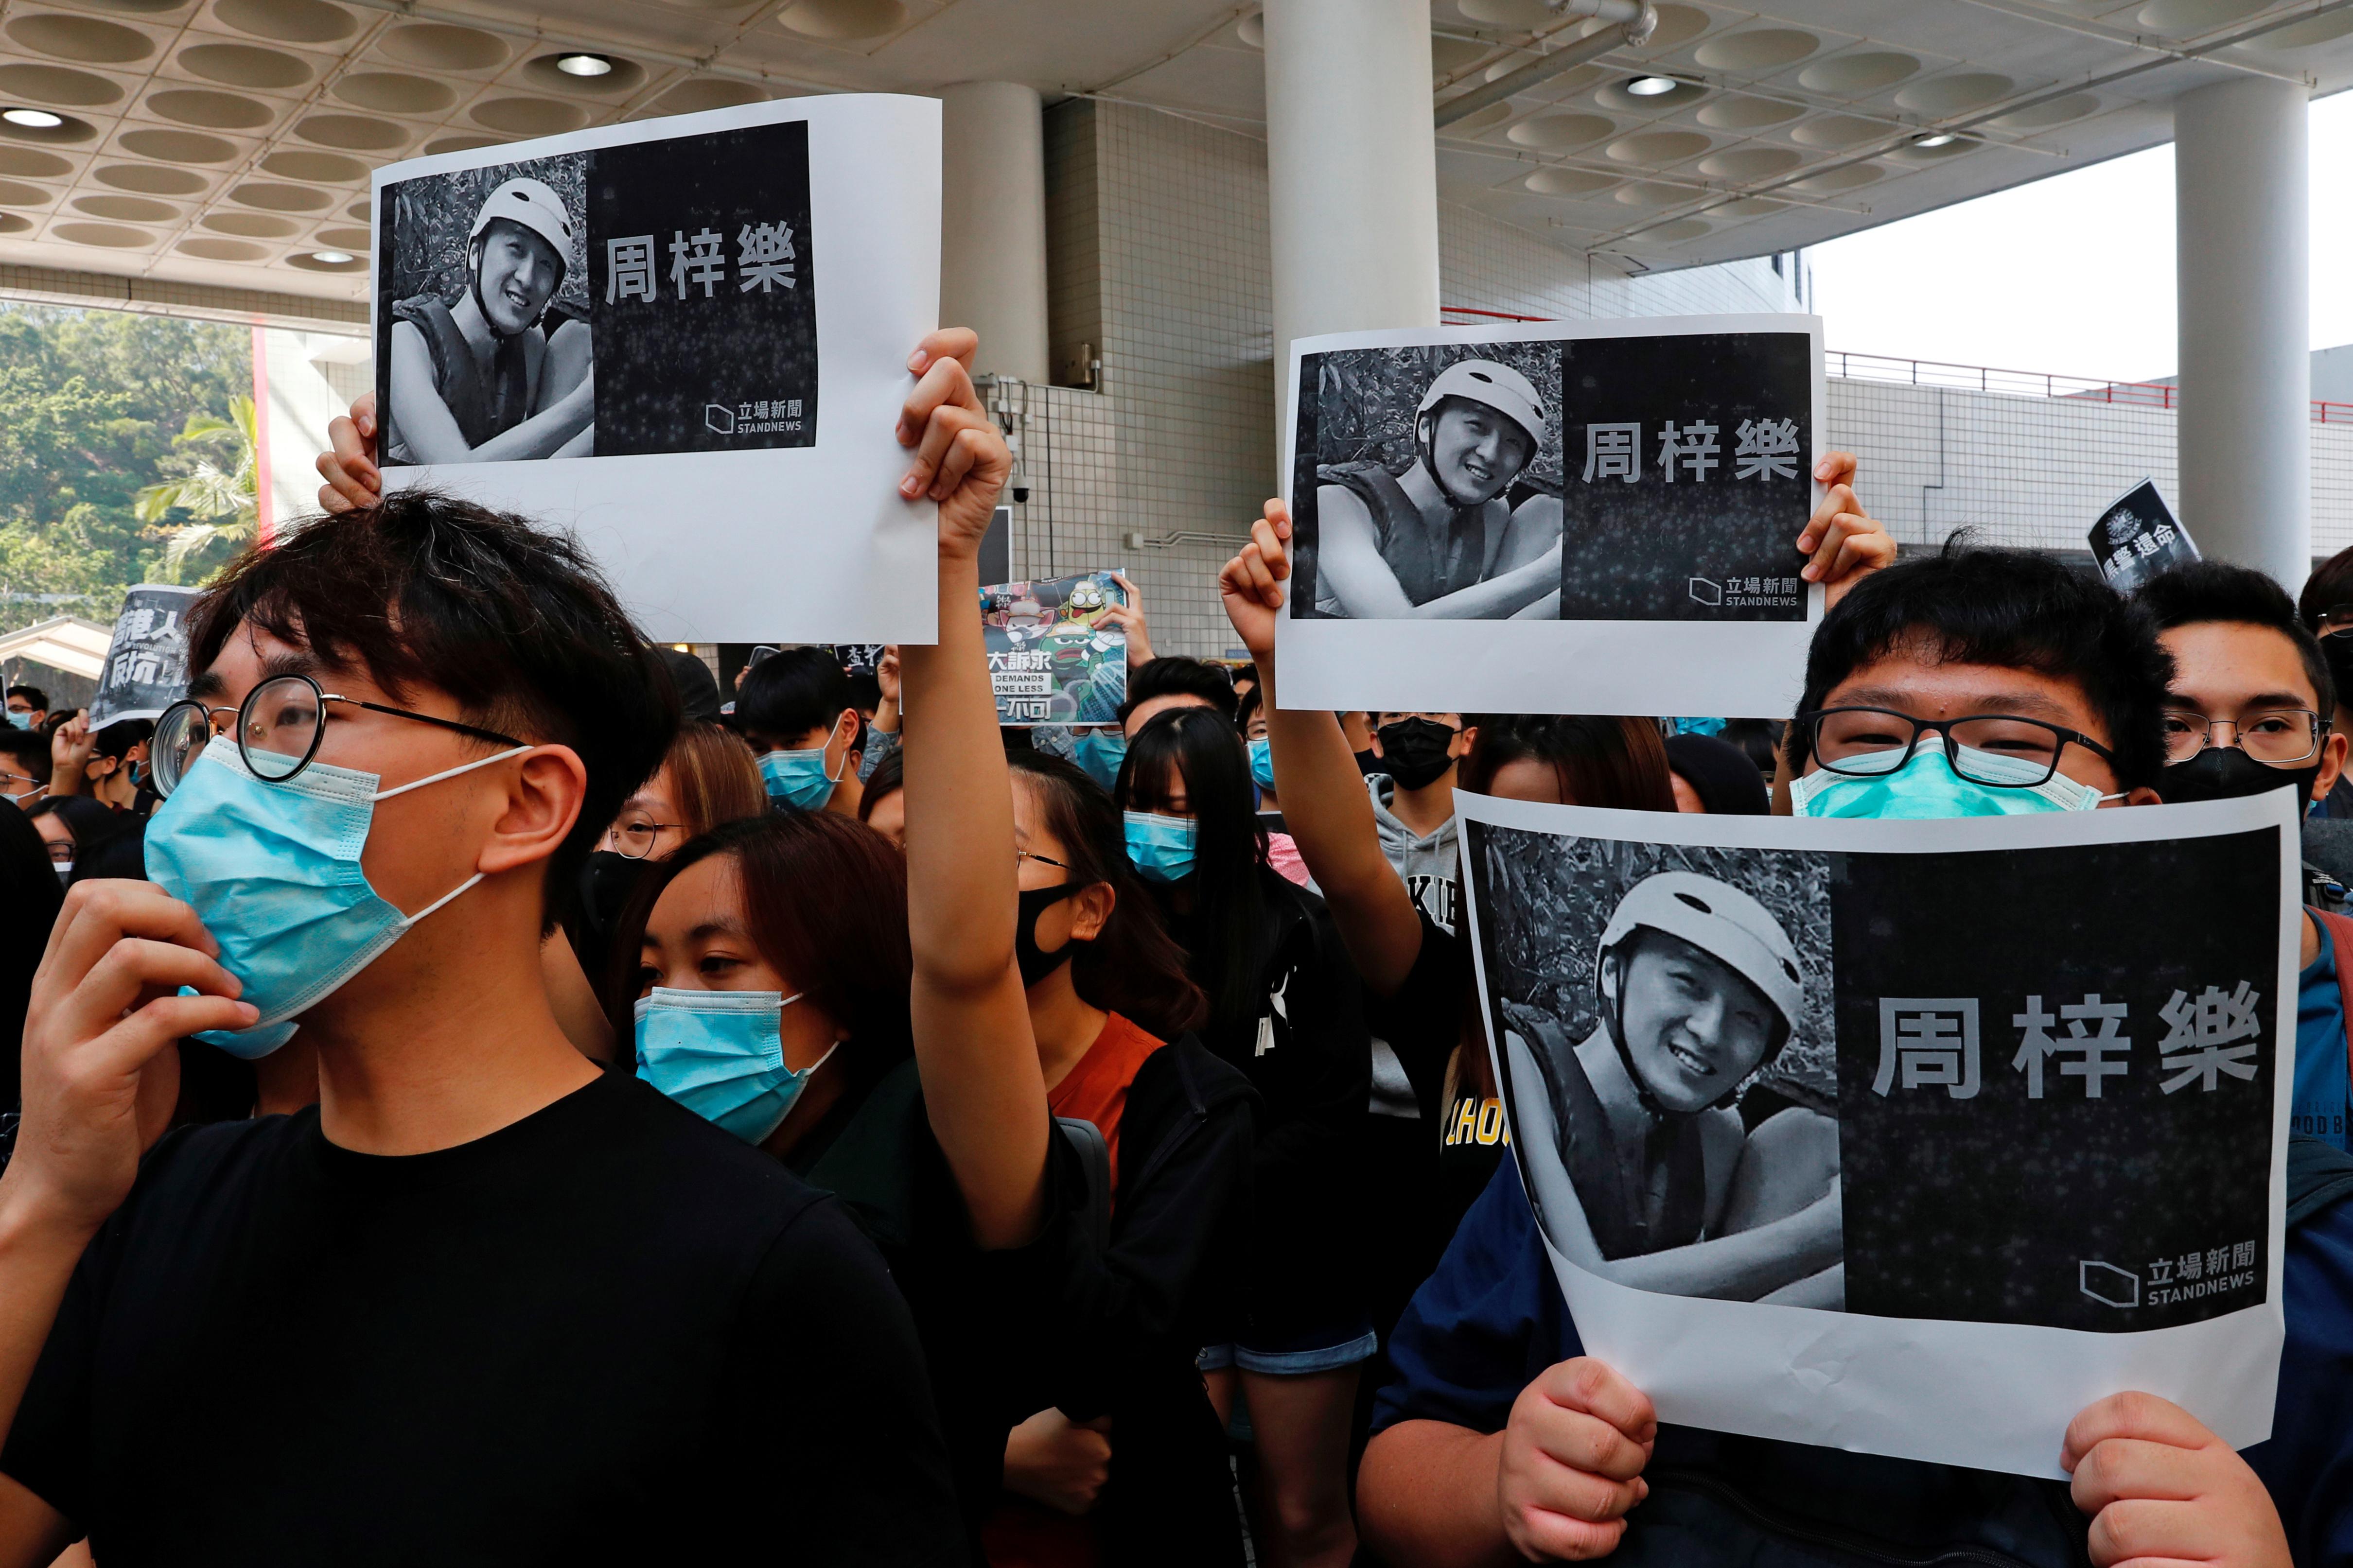 L'étudiant Chow Tsz-Iok fait une chute mortelle lors d'une manifestation à Hong Kong